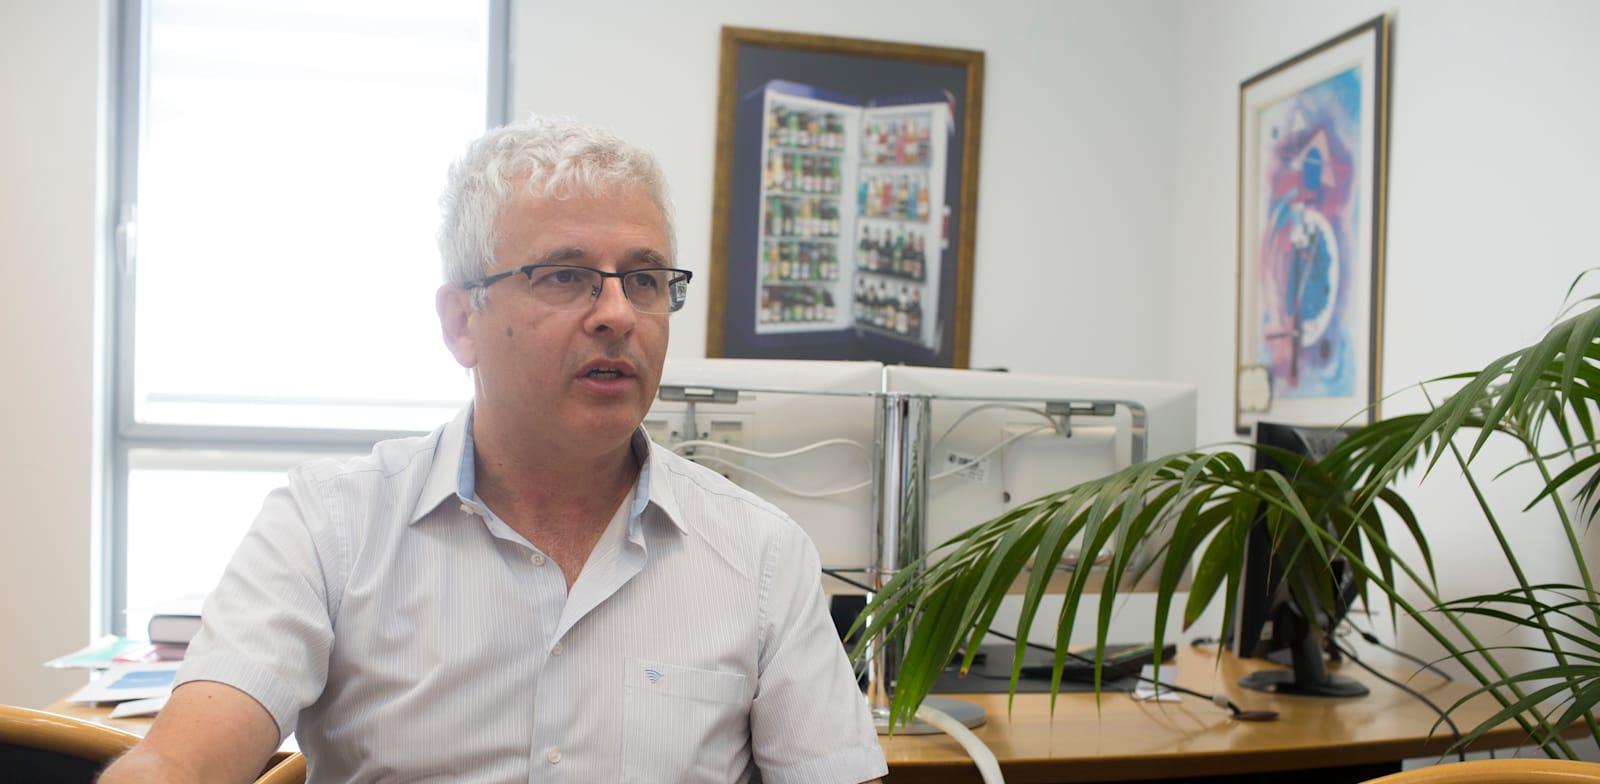 אנדרו אביר, ראש חטיבת השווקים בבנק ישראל / צילום: ליאור מזרחי